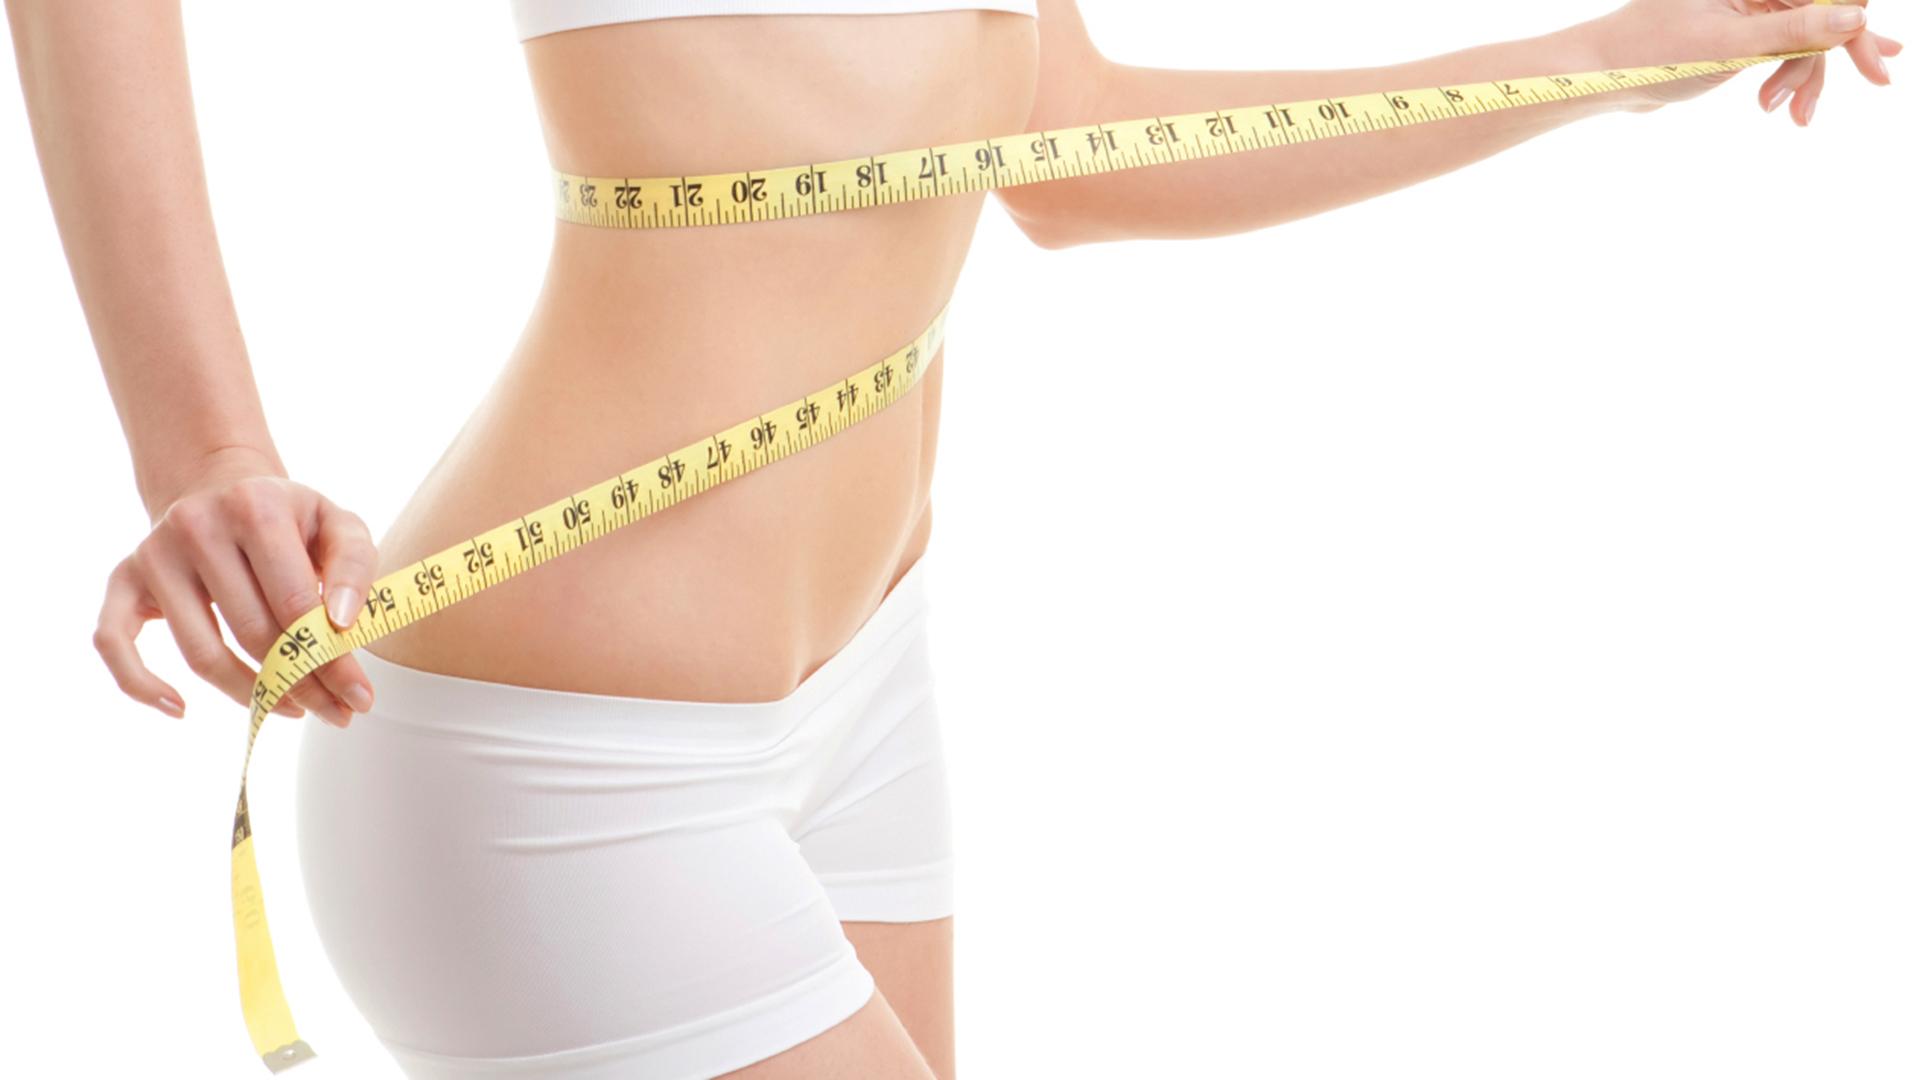 im 23 și trebuie să slăbești poate ajuta algele cu pierderea în greutate